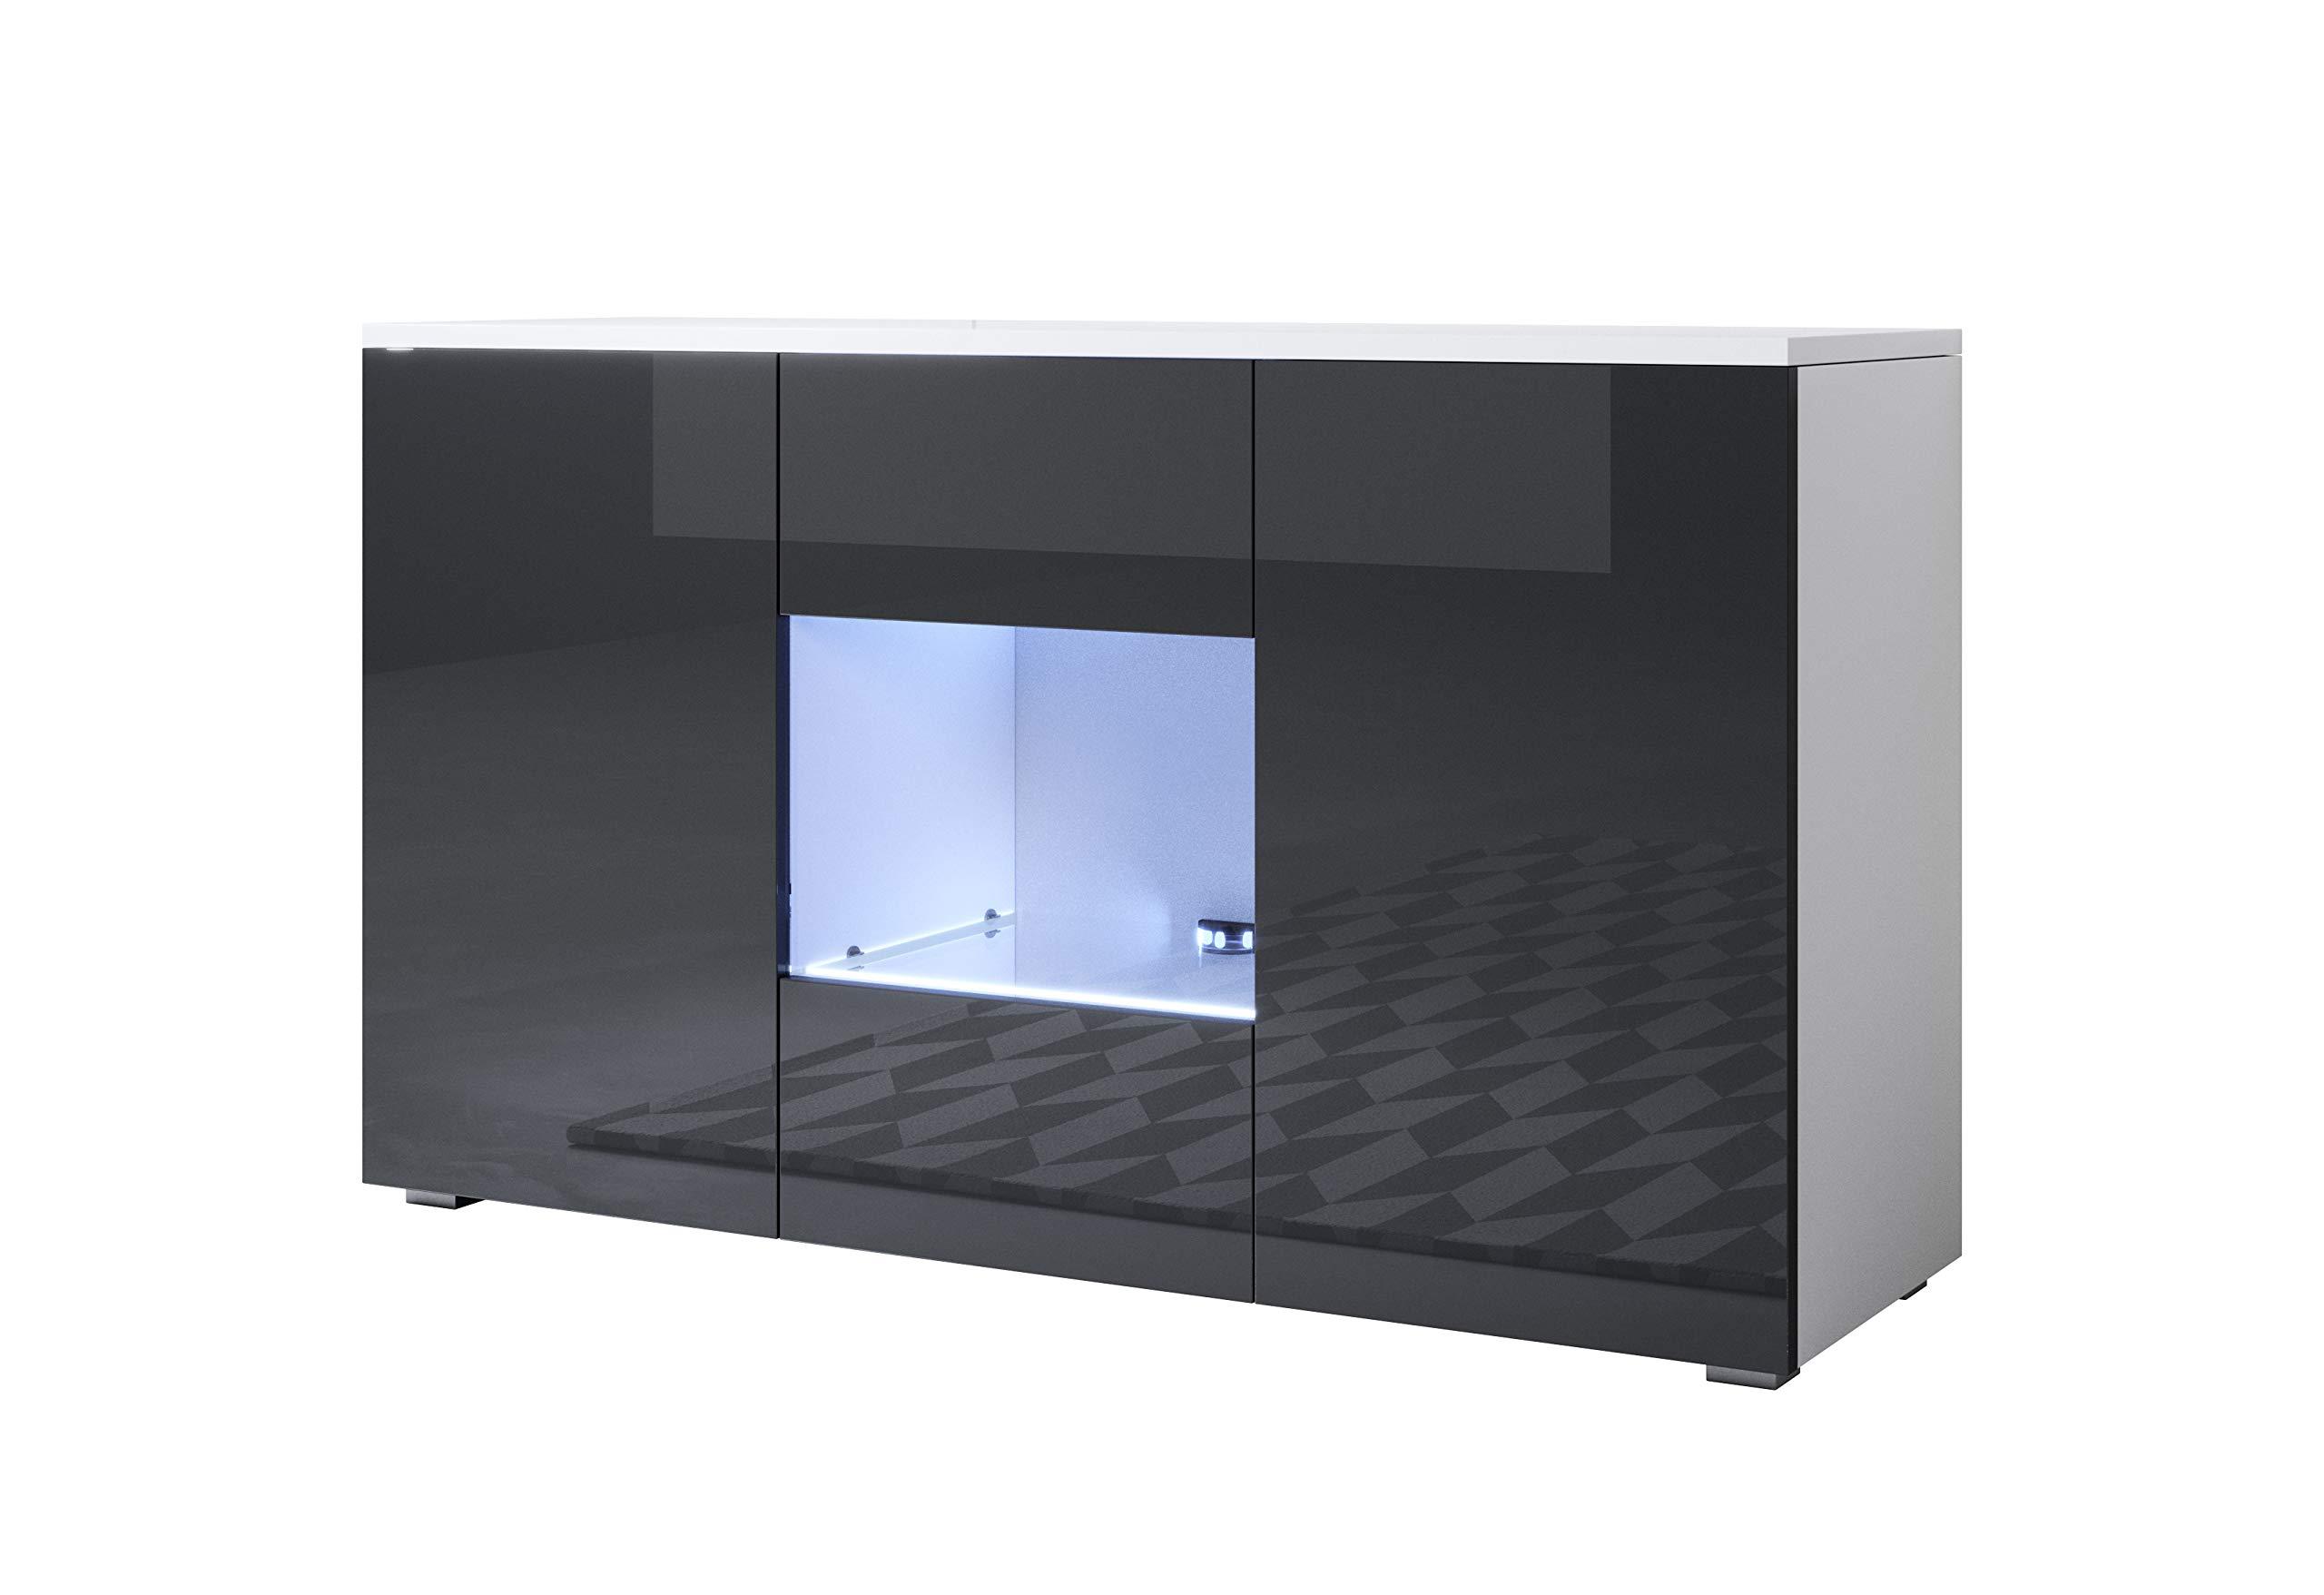 Credenza Con Piedini : Muebles bonitos letti e mobili credenza modello luke a con led